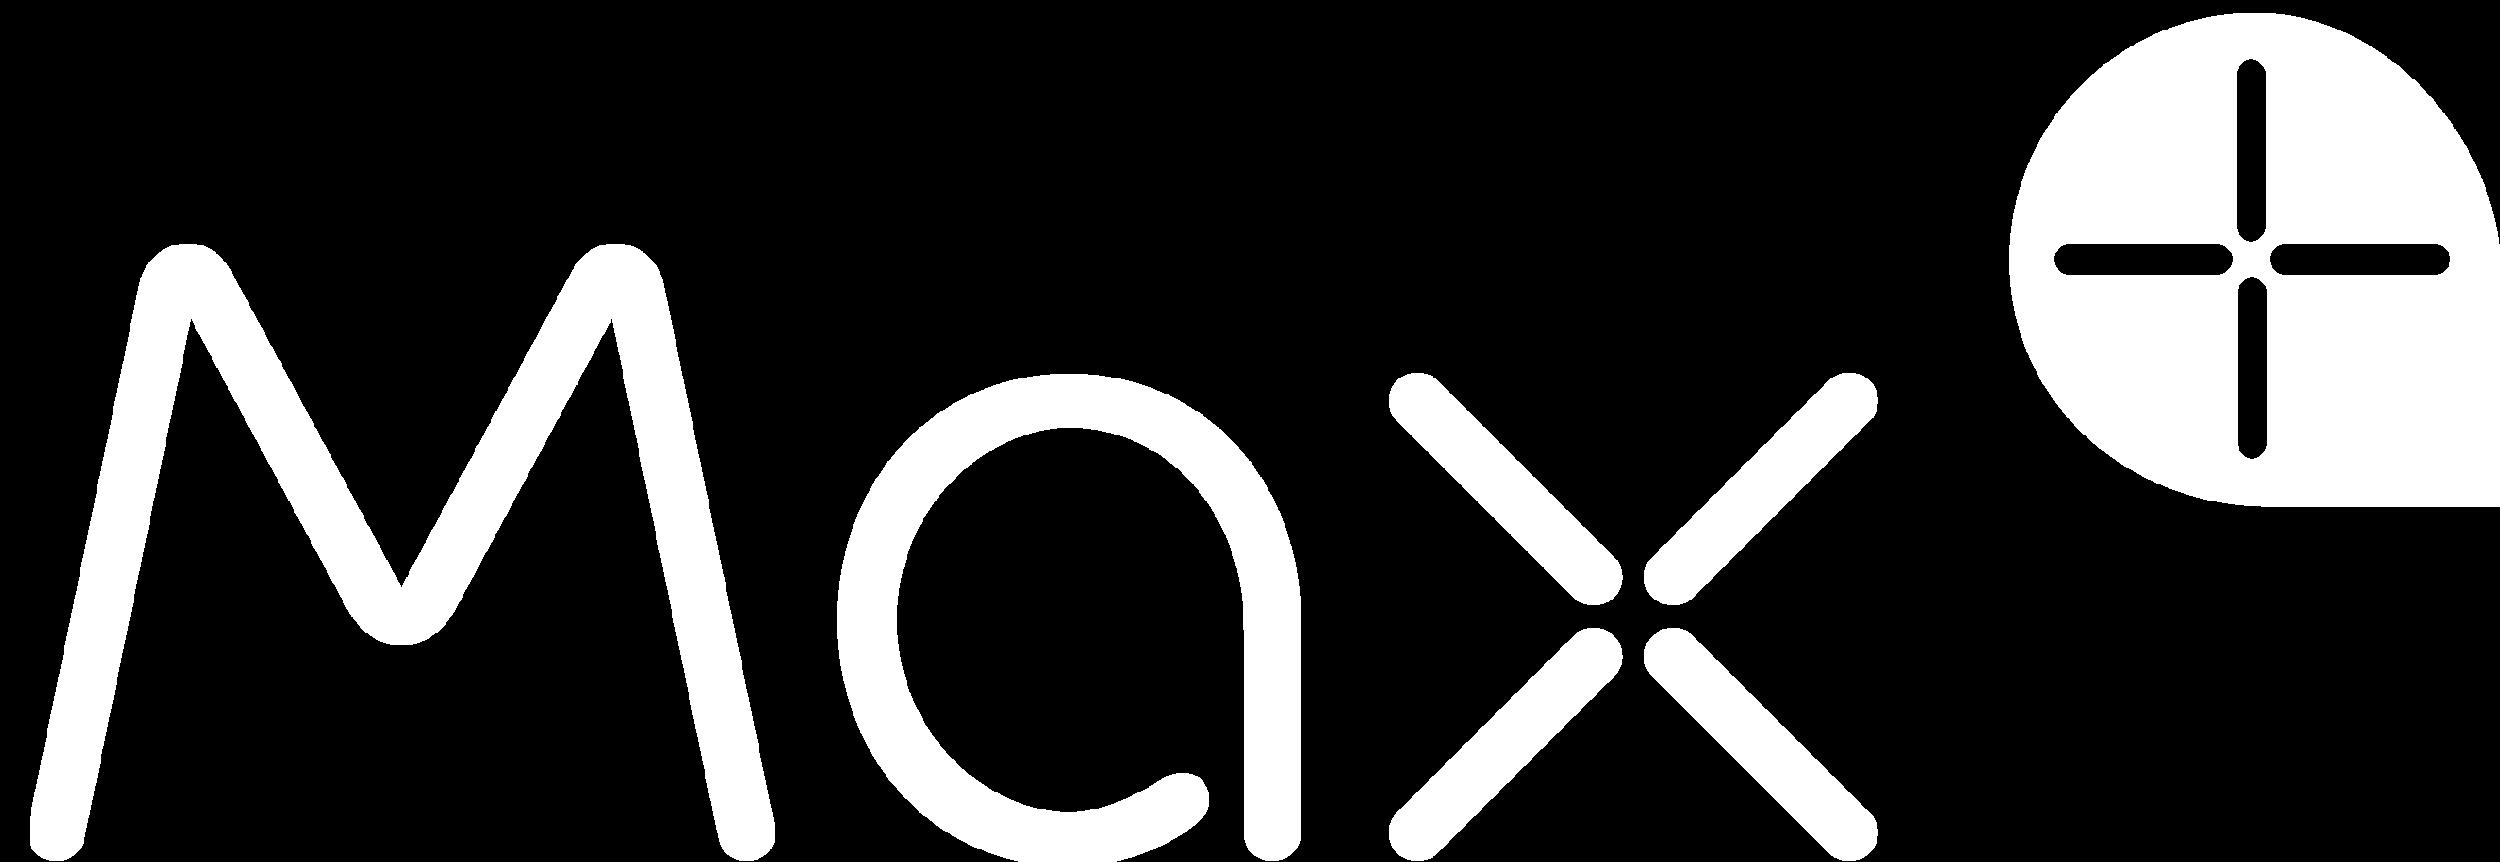 max+spot.png